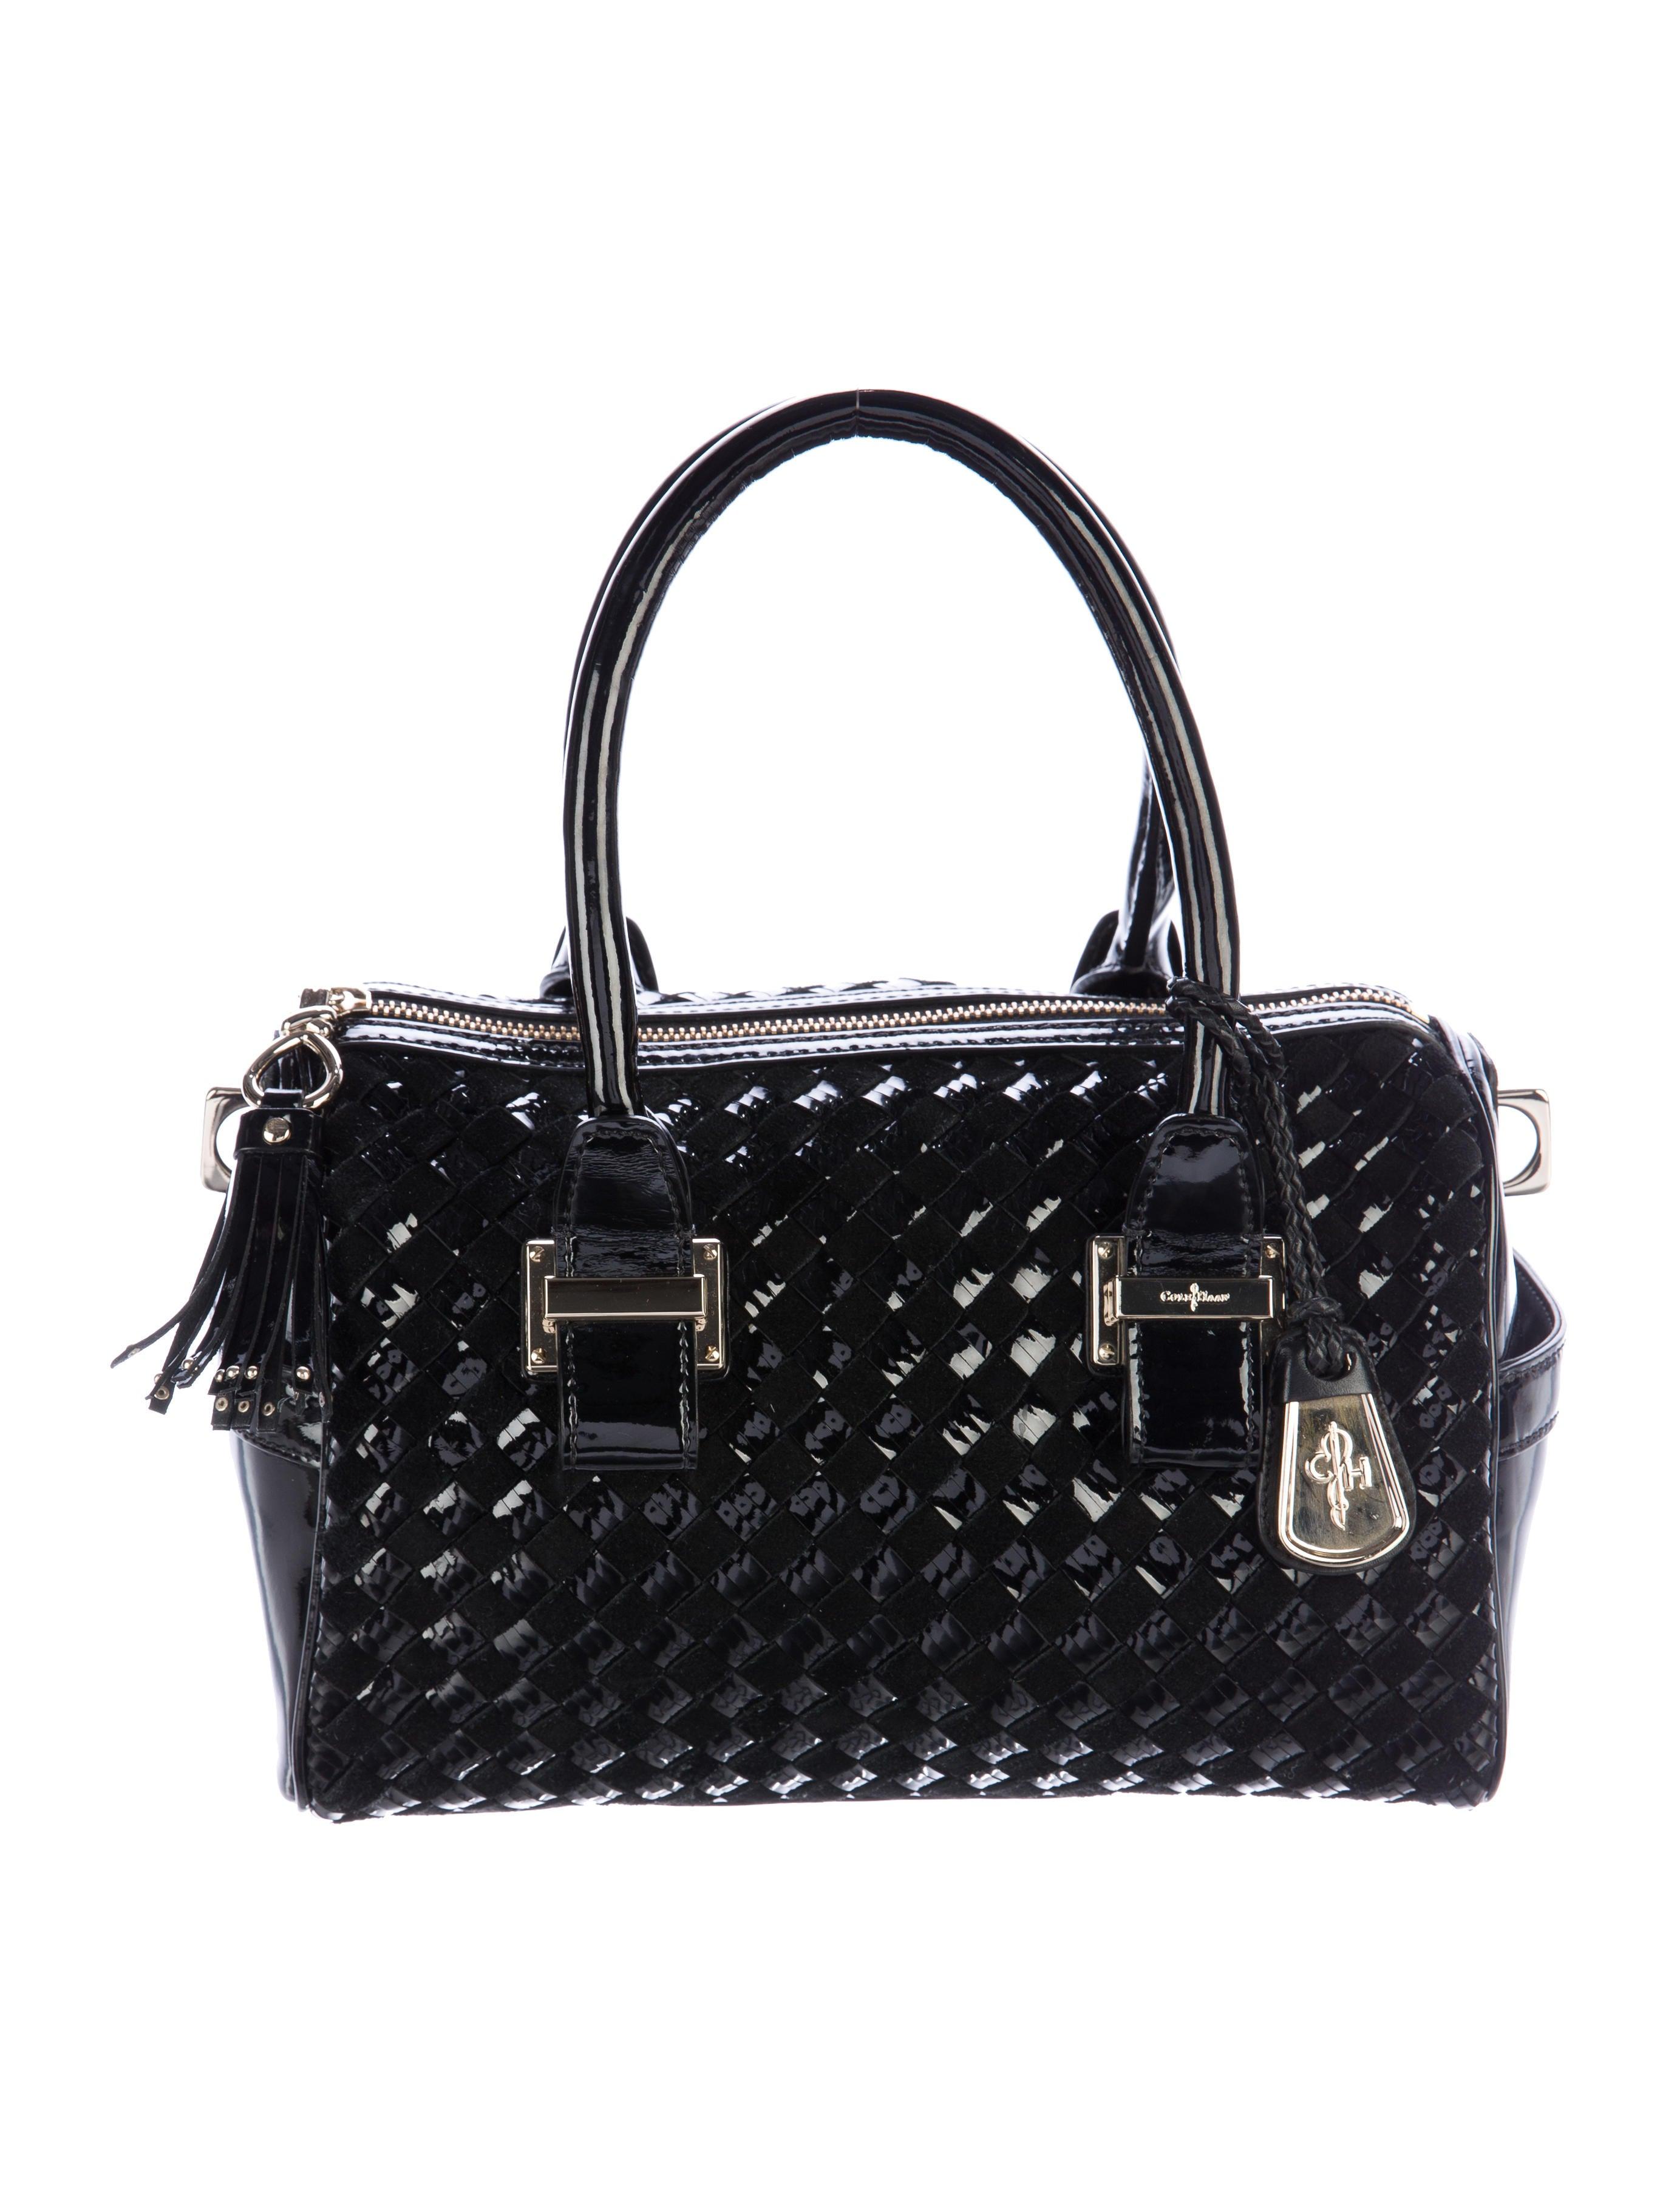 Cole Haan Woven Leather Satchel Handbags W4920260